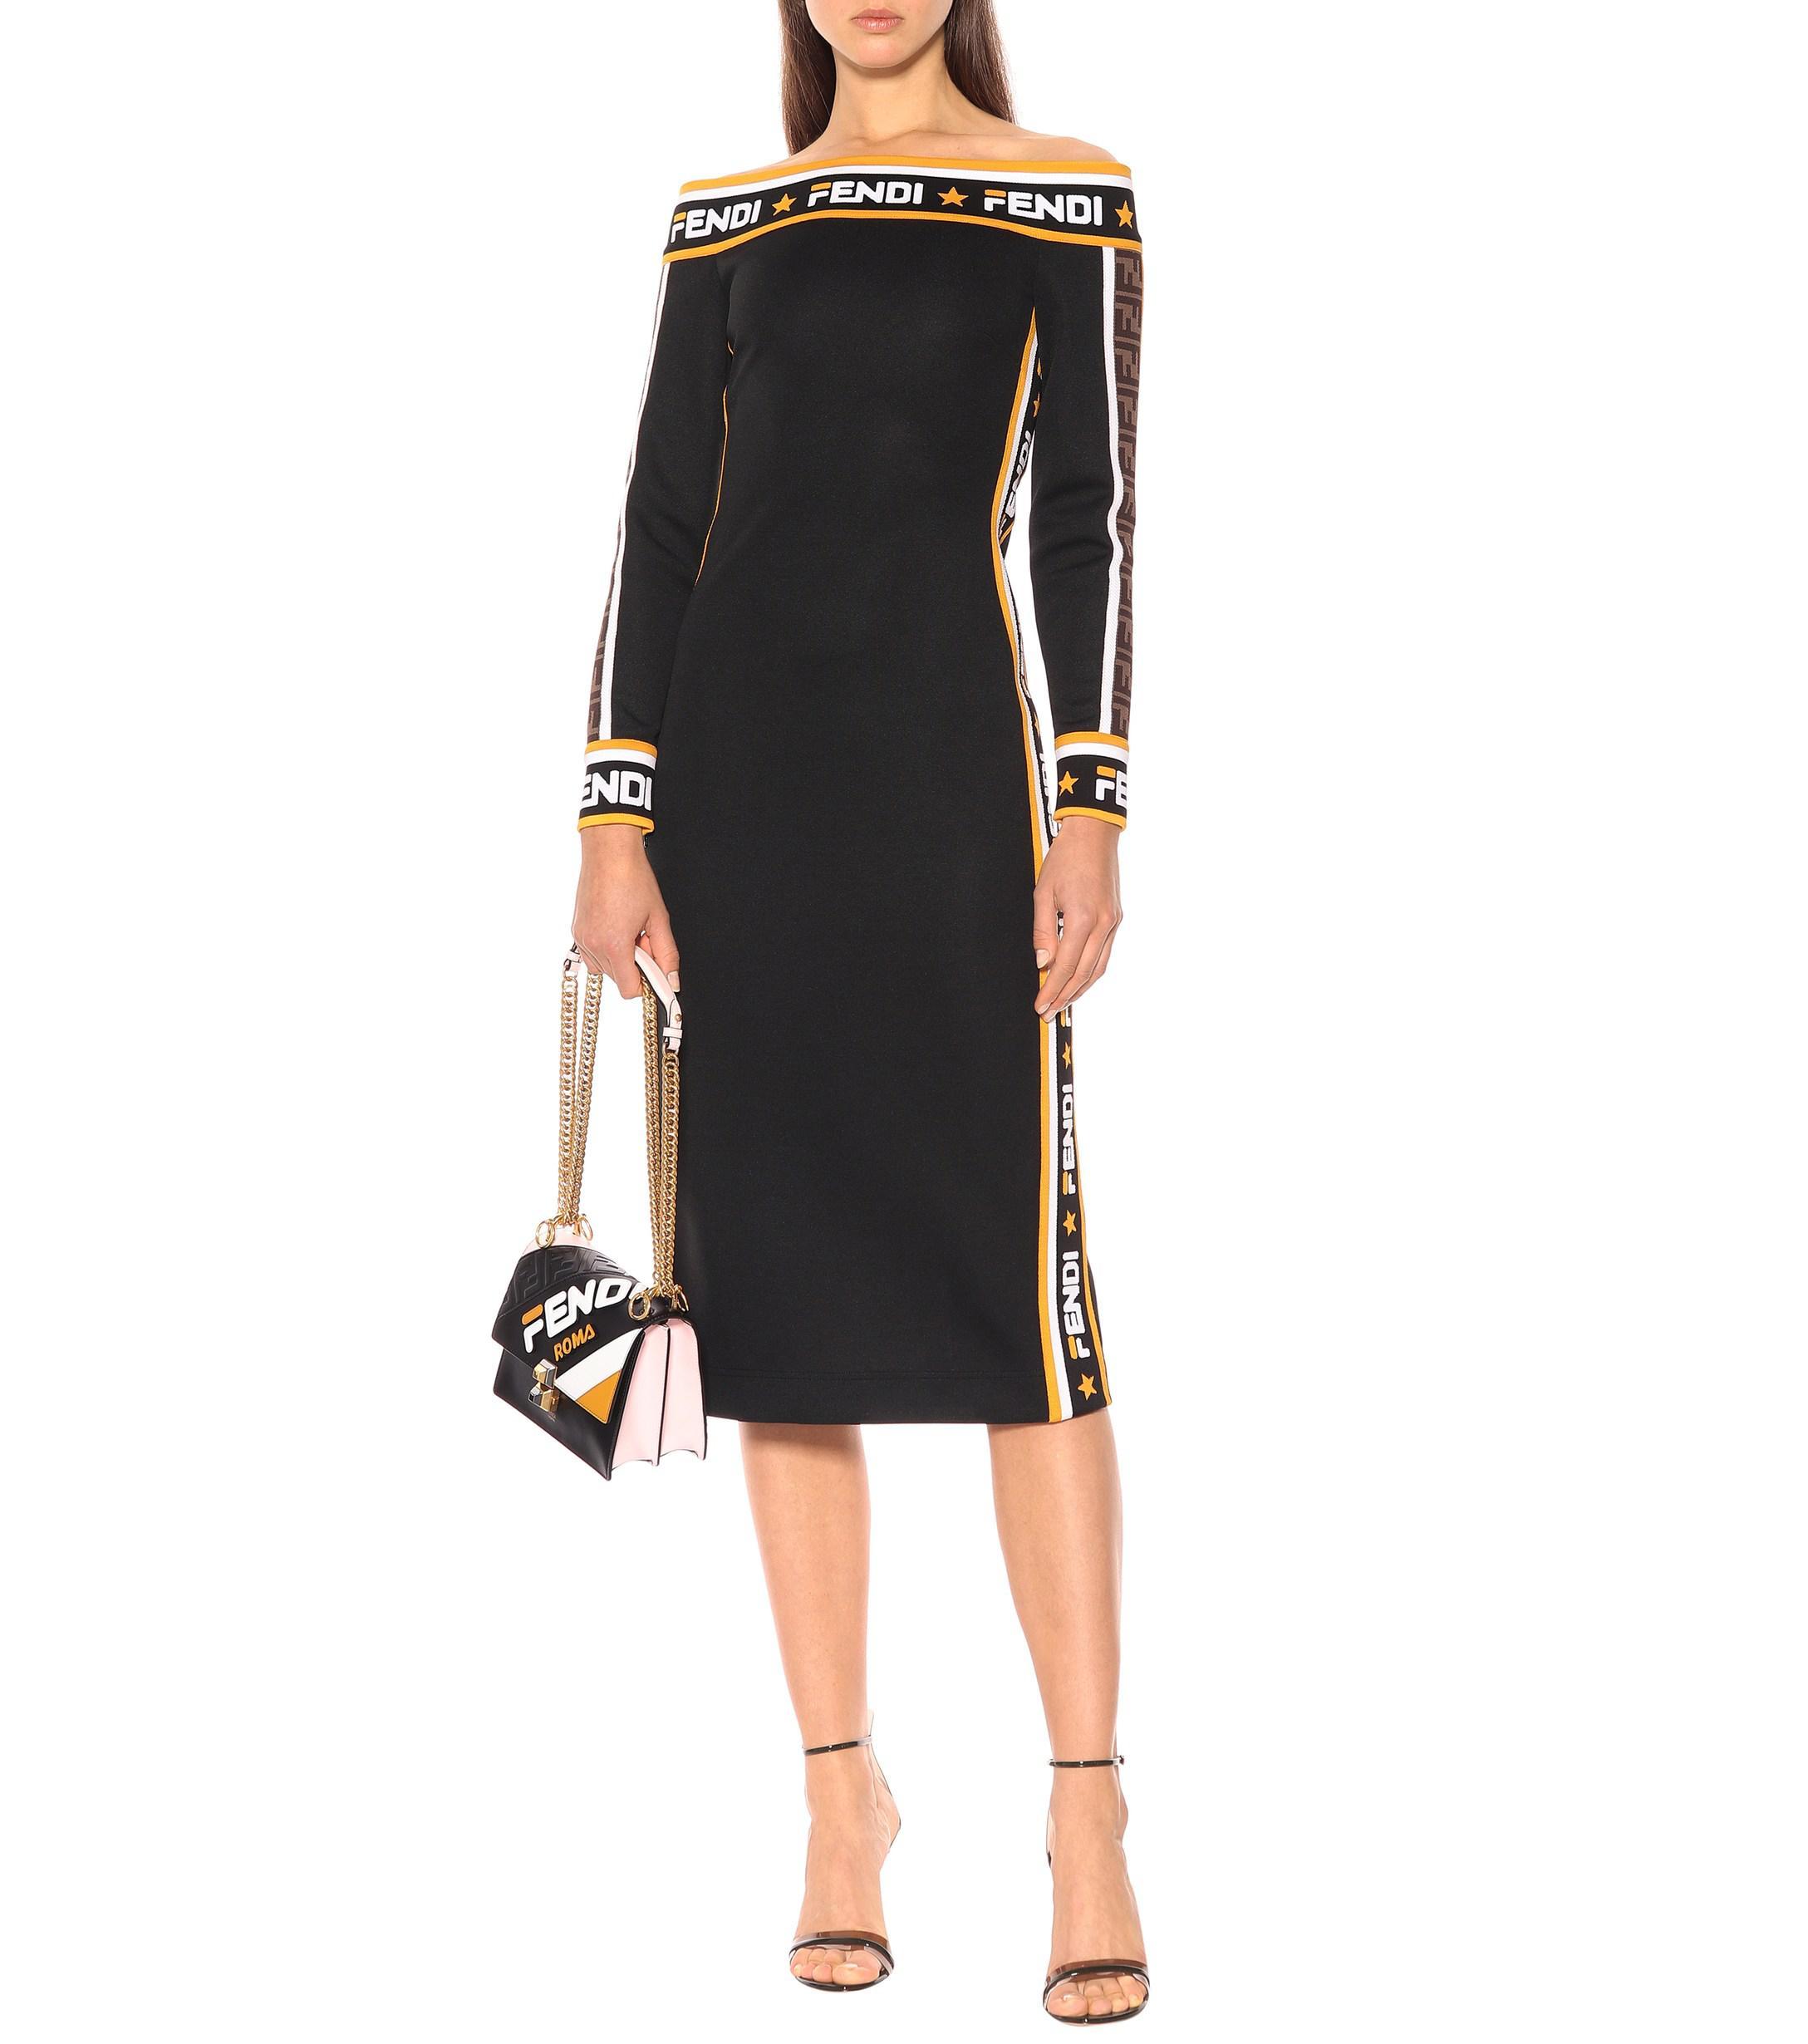 e2b93ca796c1 Fendi - Black Mania Jersey Midi Dress - Lyst. View fullscreen